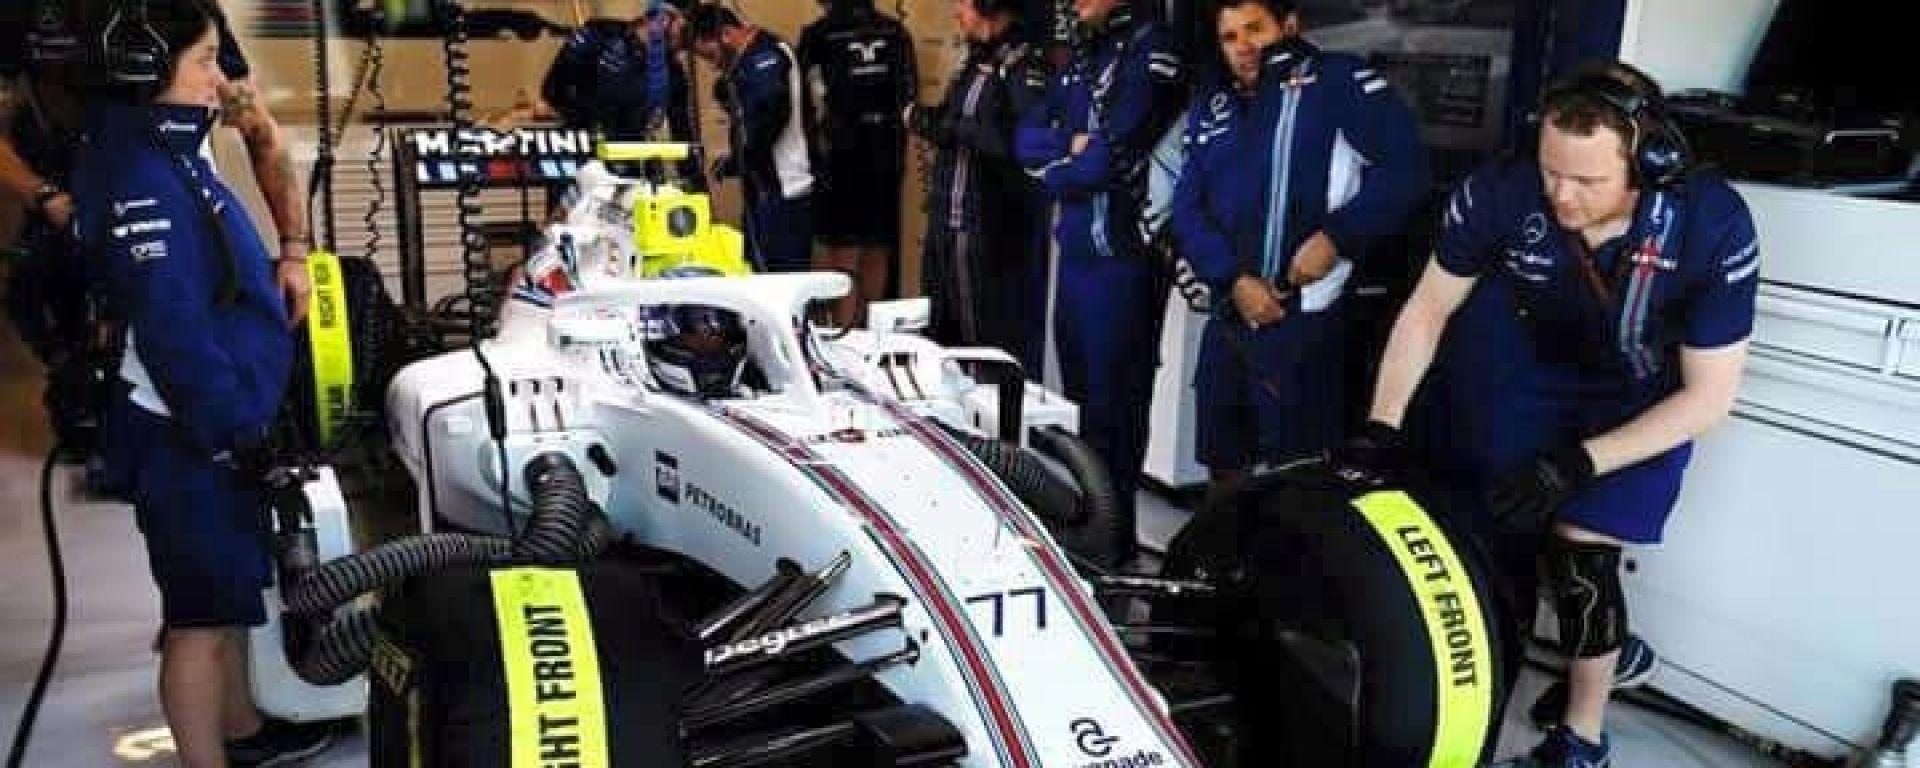 Capit Performance: le termocoperte auto usate (anche) in F1